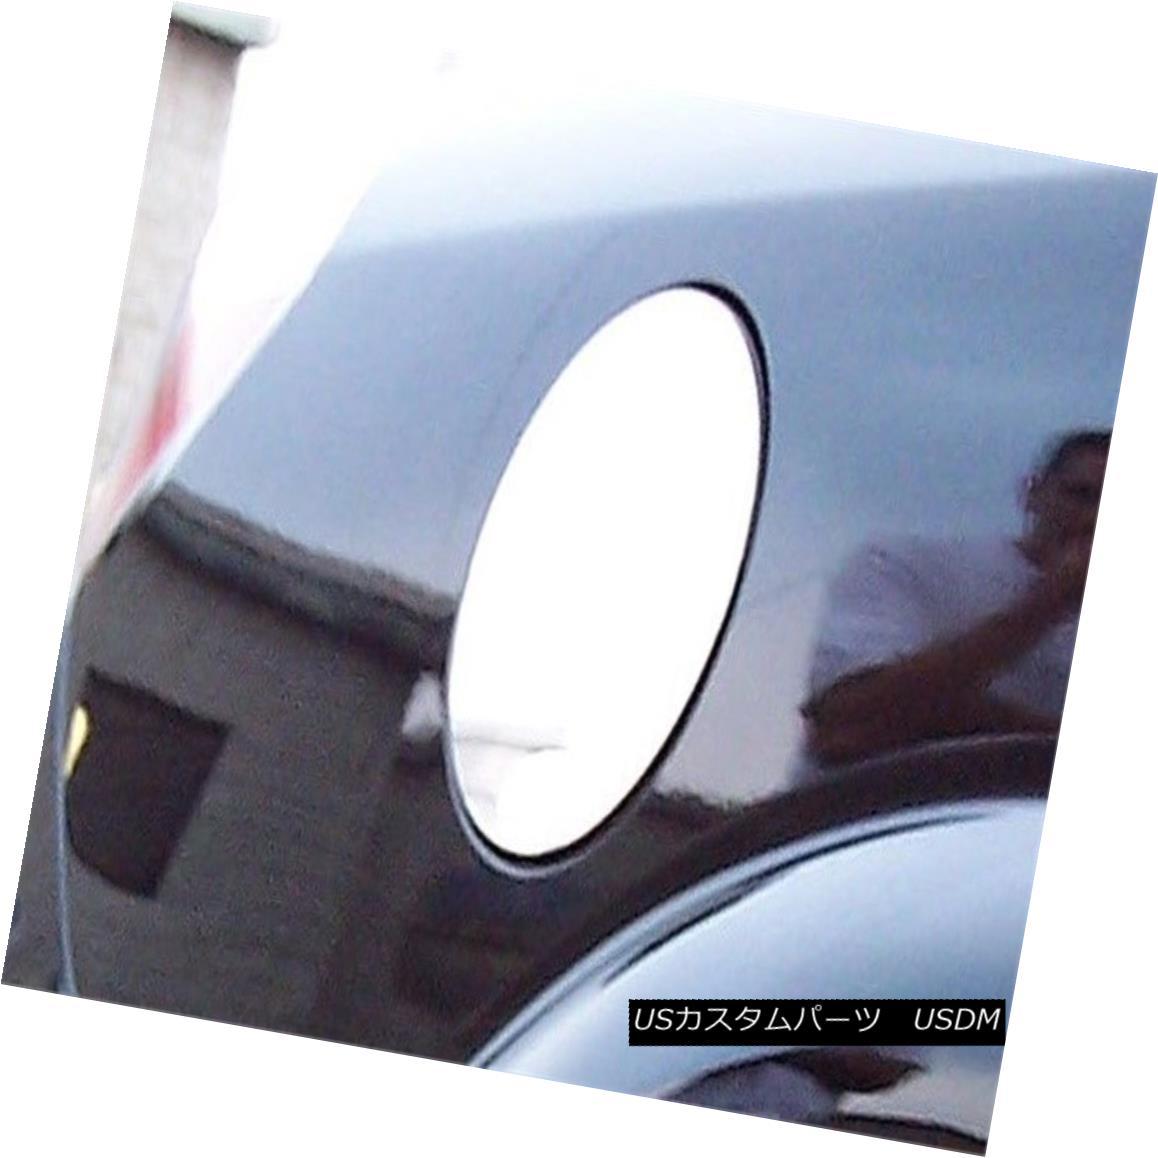 グリル Fits 2007-2009 SATURN AURA 4-door -Stainless Steel GAS CAP DOOR 2007?2009年のSATURN AURA 4ドア - ステンレススチール製GAS CAP DOOR